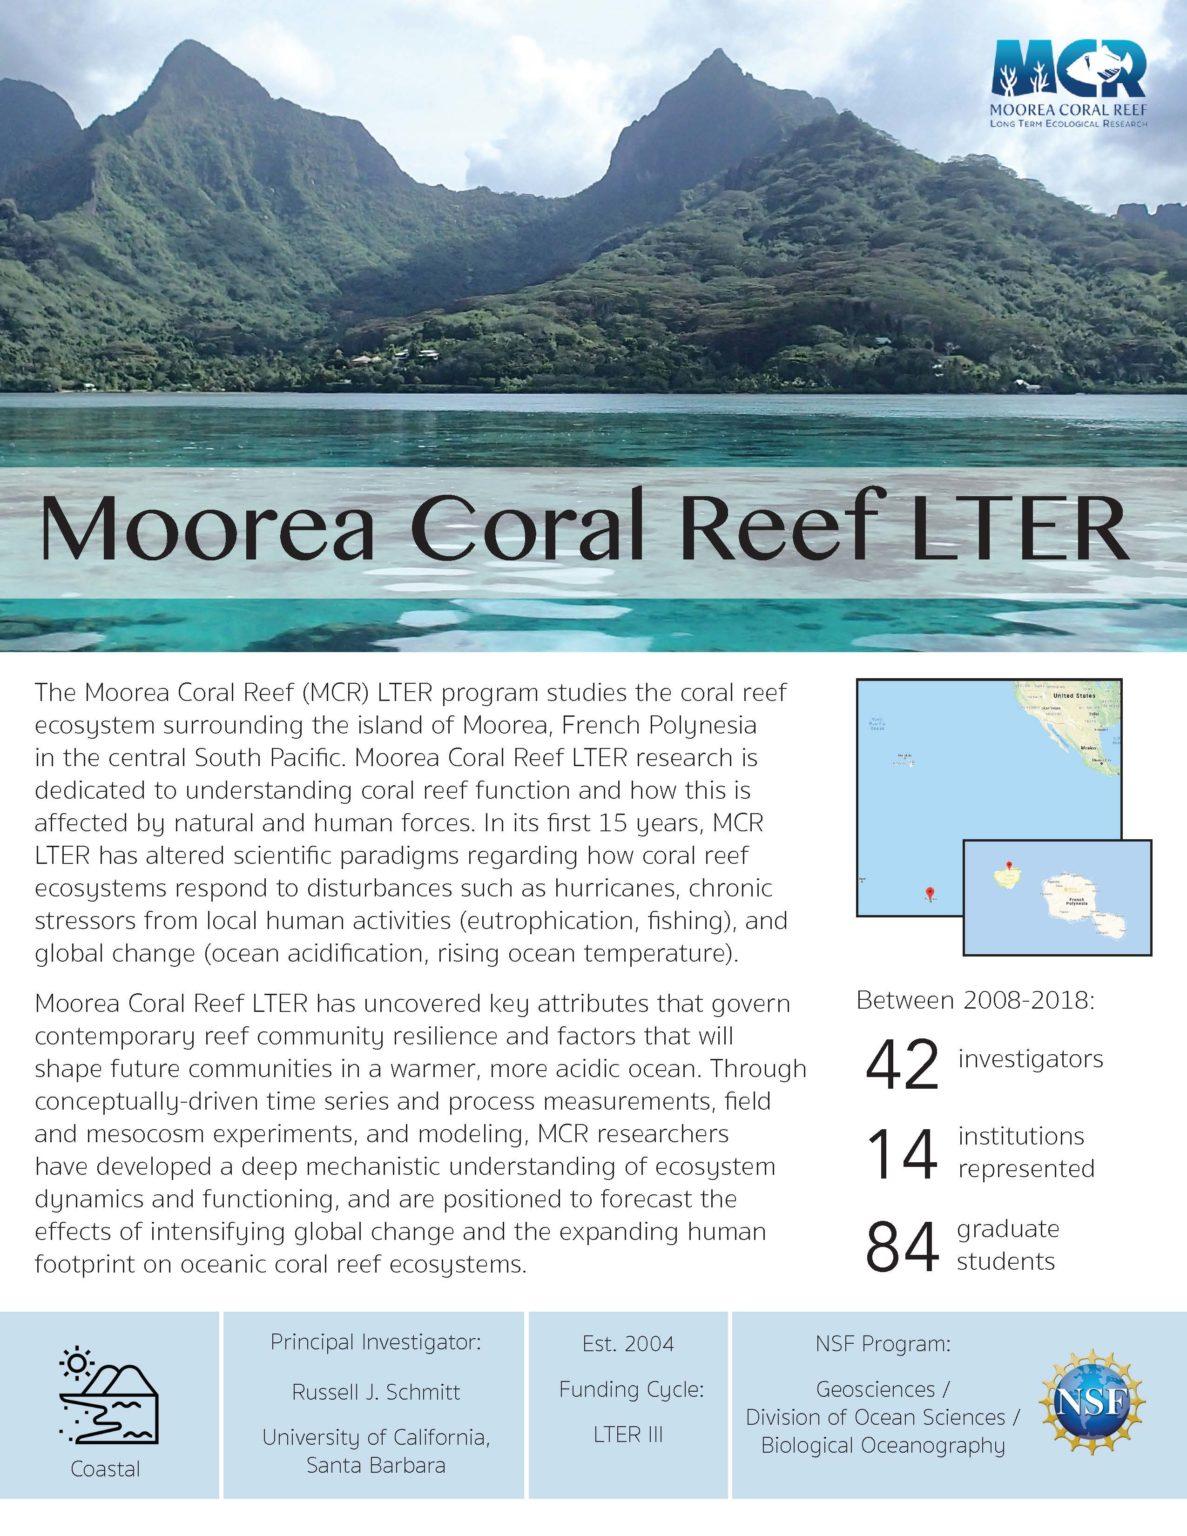 Moorea Coral Reef LTER site brief 2019